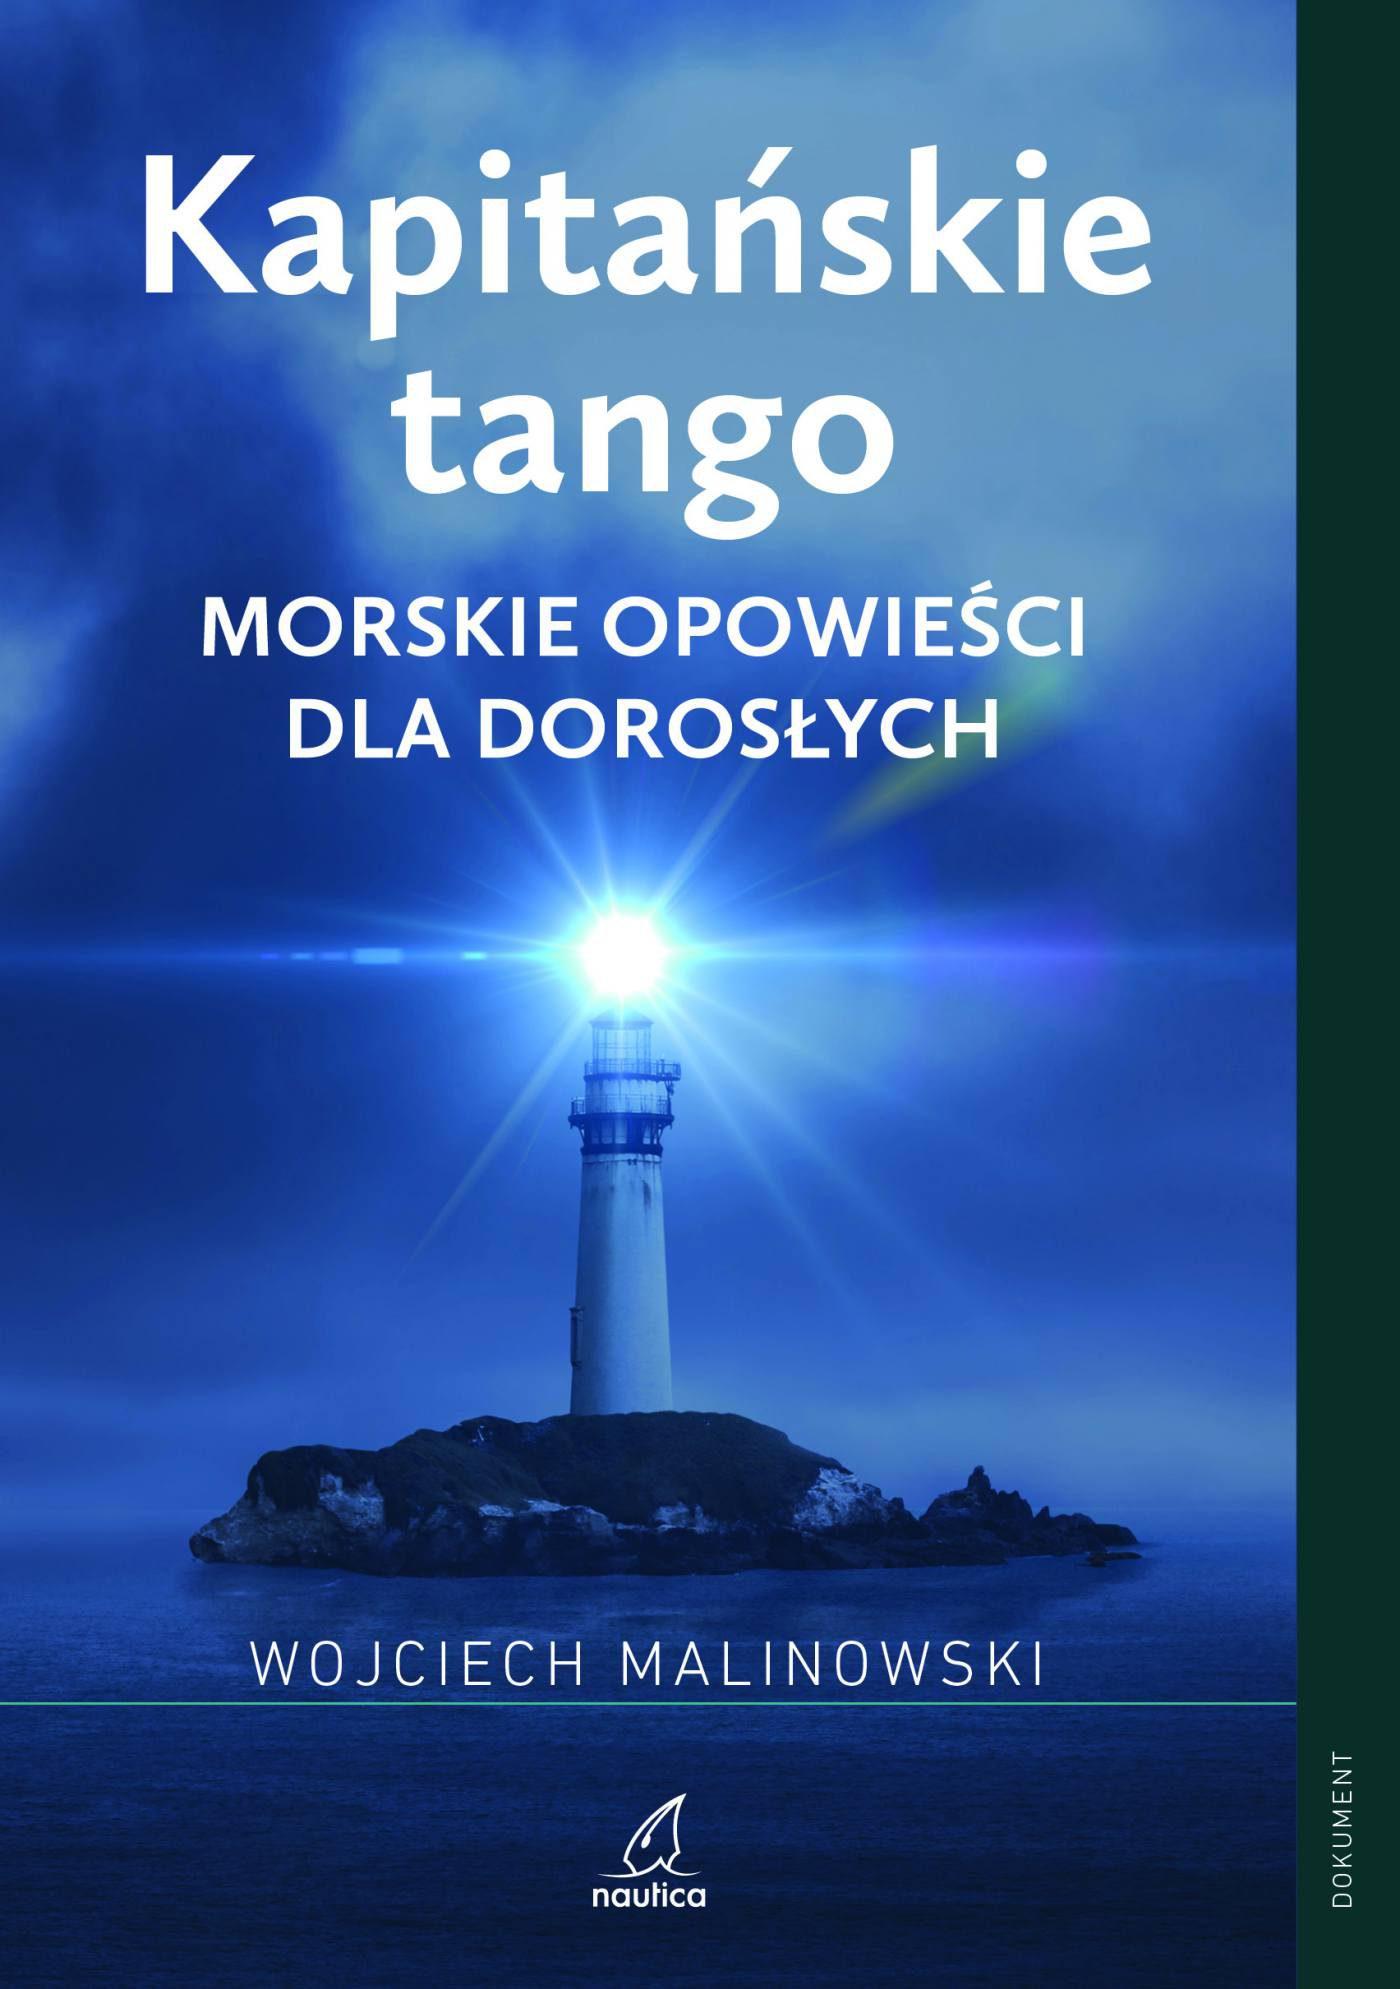 Kapitańskie tango. Morskie opowieści dla dorosłych - Ebook (Książka EPUB) do pobrania w formacie EPUB